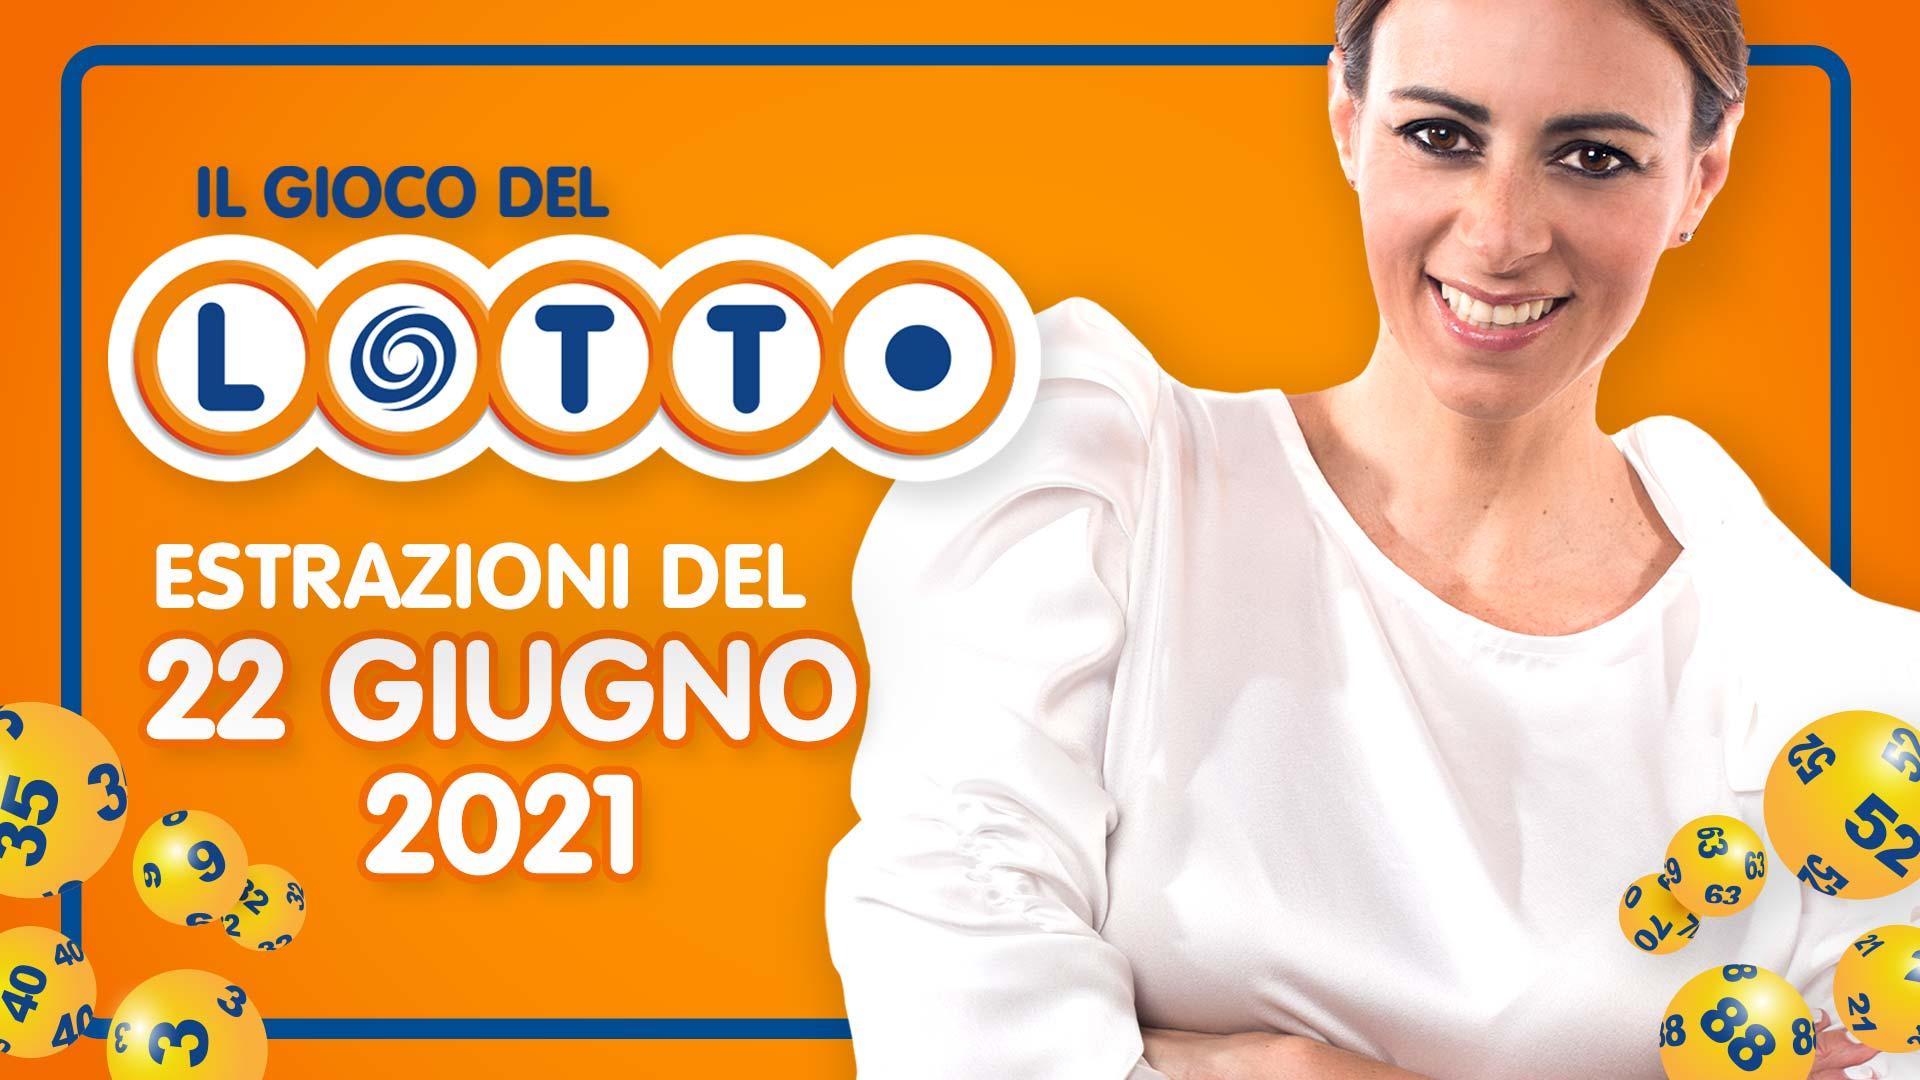 Estrazione lotto 22 giugno 2021 Lotto oggi estrazione vincente superenalotto oggi 10elotto serale simbolotto numeri vincenti ufficiali verifica vincite conduce Serena Garitta in diretta